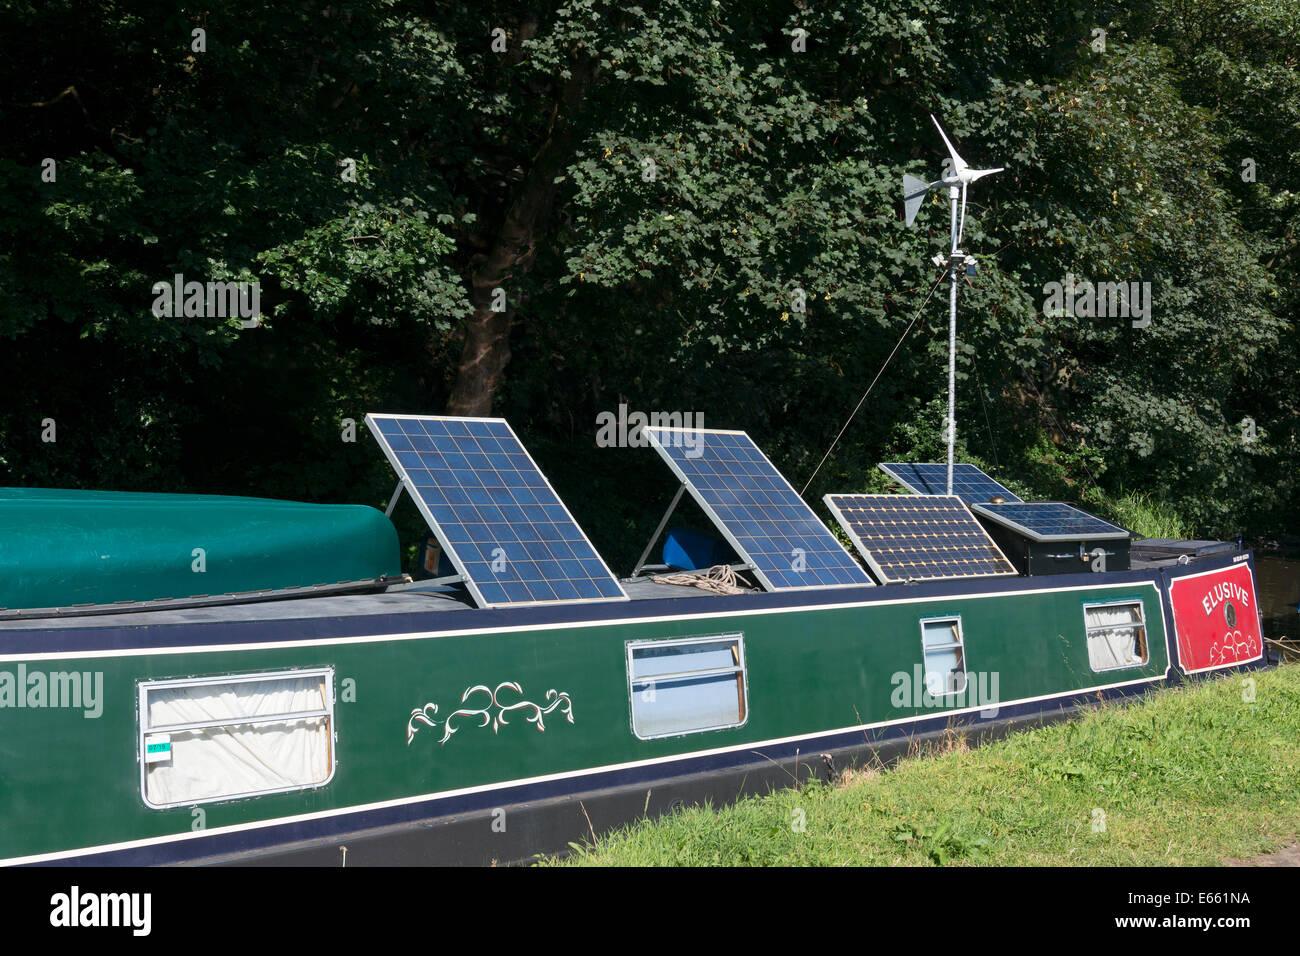 Solarzellen und Windgenerator oben auf einem Narrowboat, Sowerby Bridge, West Yorkshire Stockbild